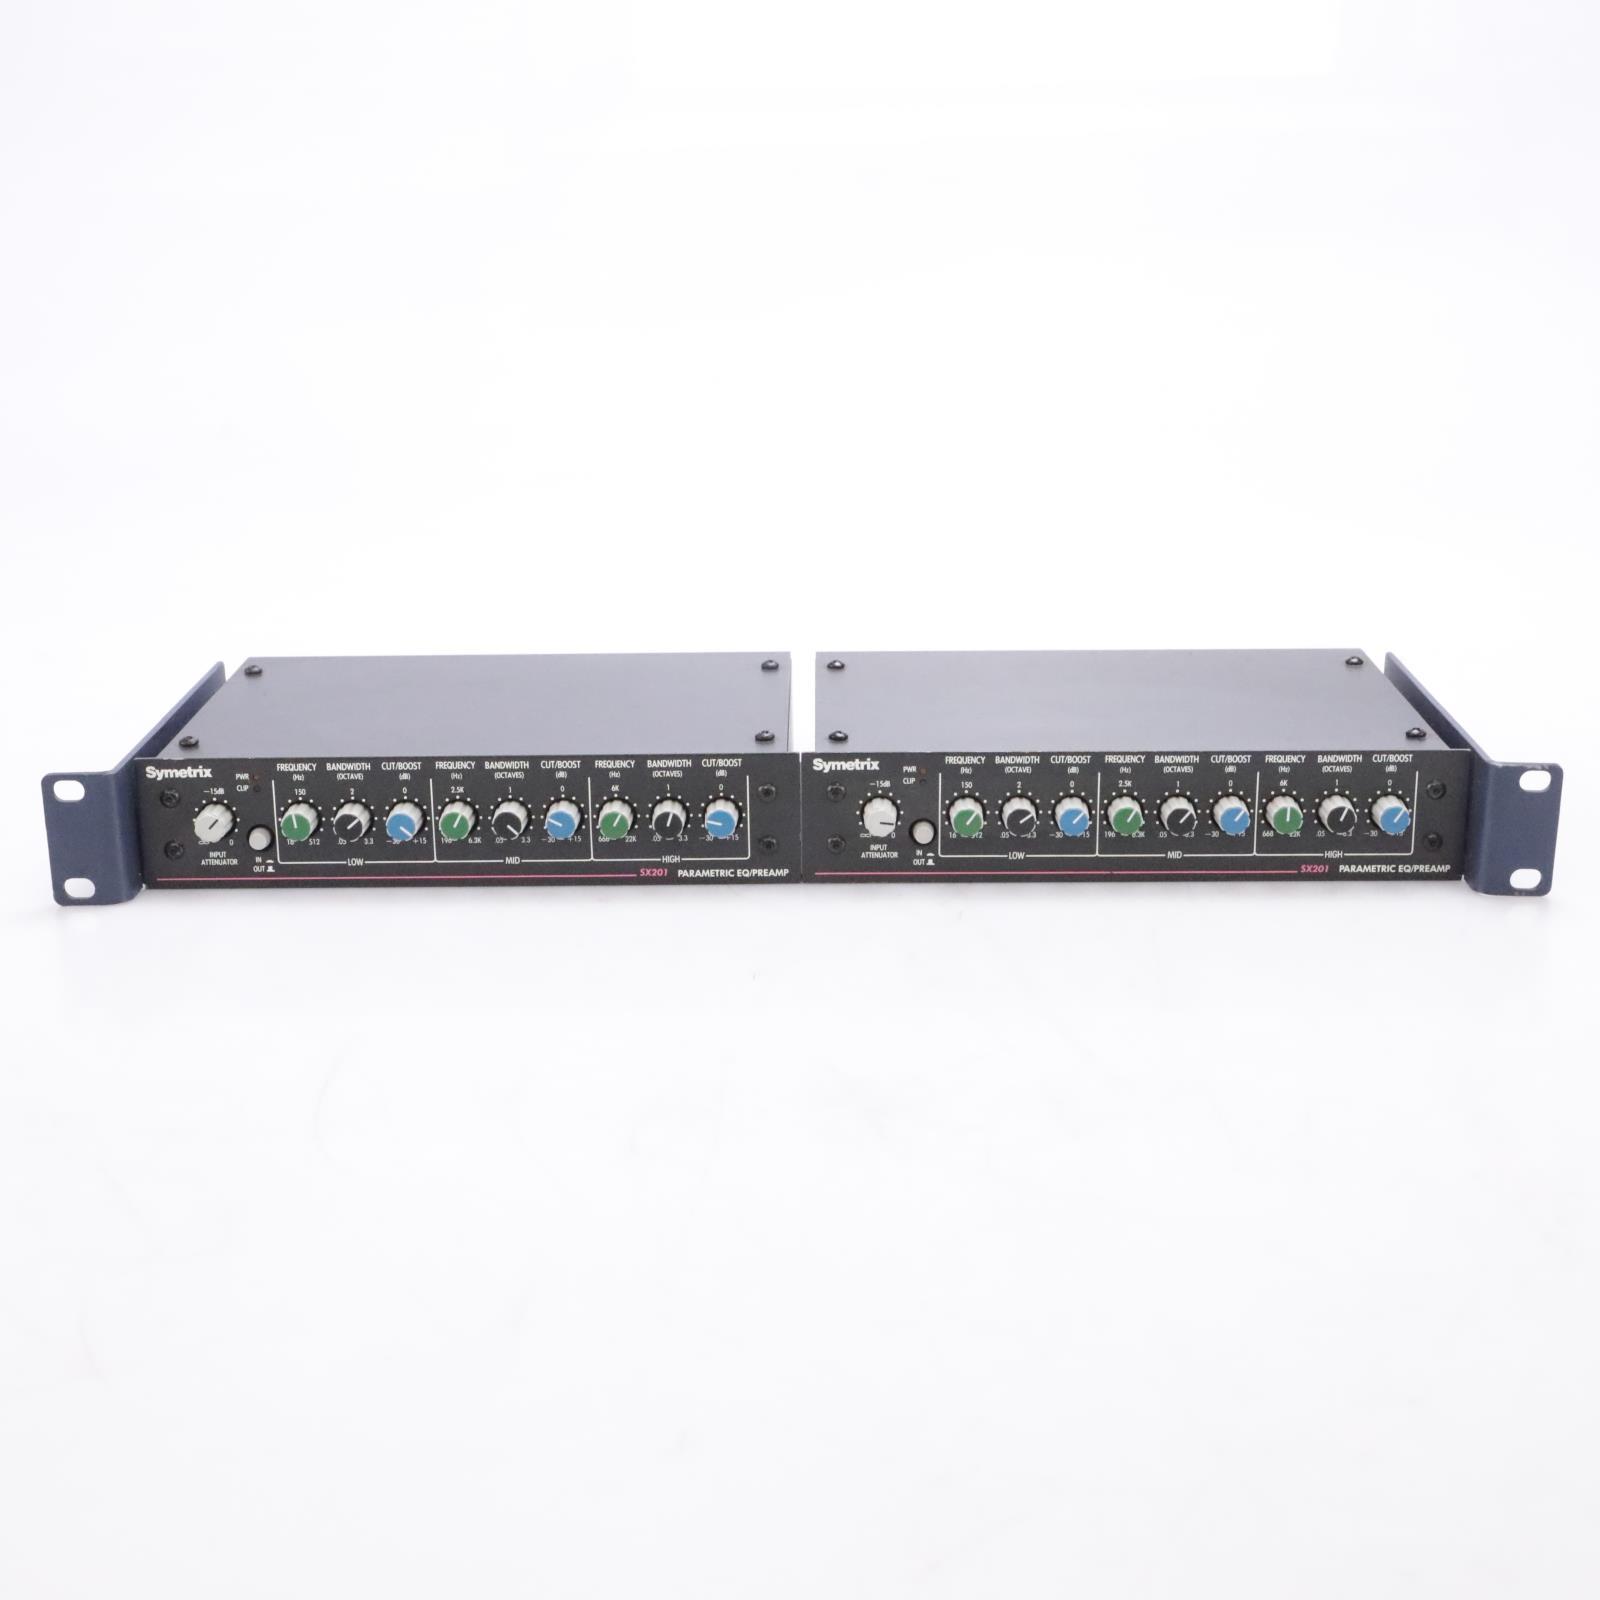 2 Symetrix SX201 Parametric EQ/Preamp Preamplifier Equalizer w/Rack Mount #43817